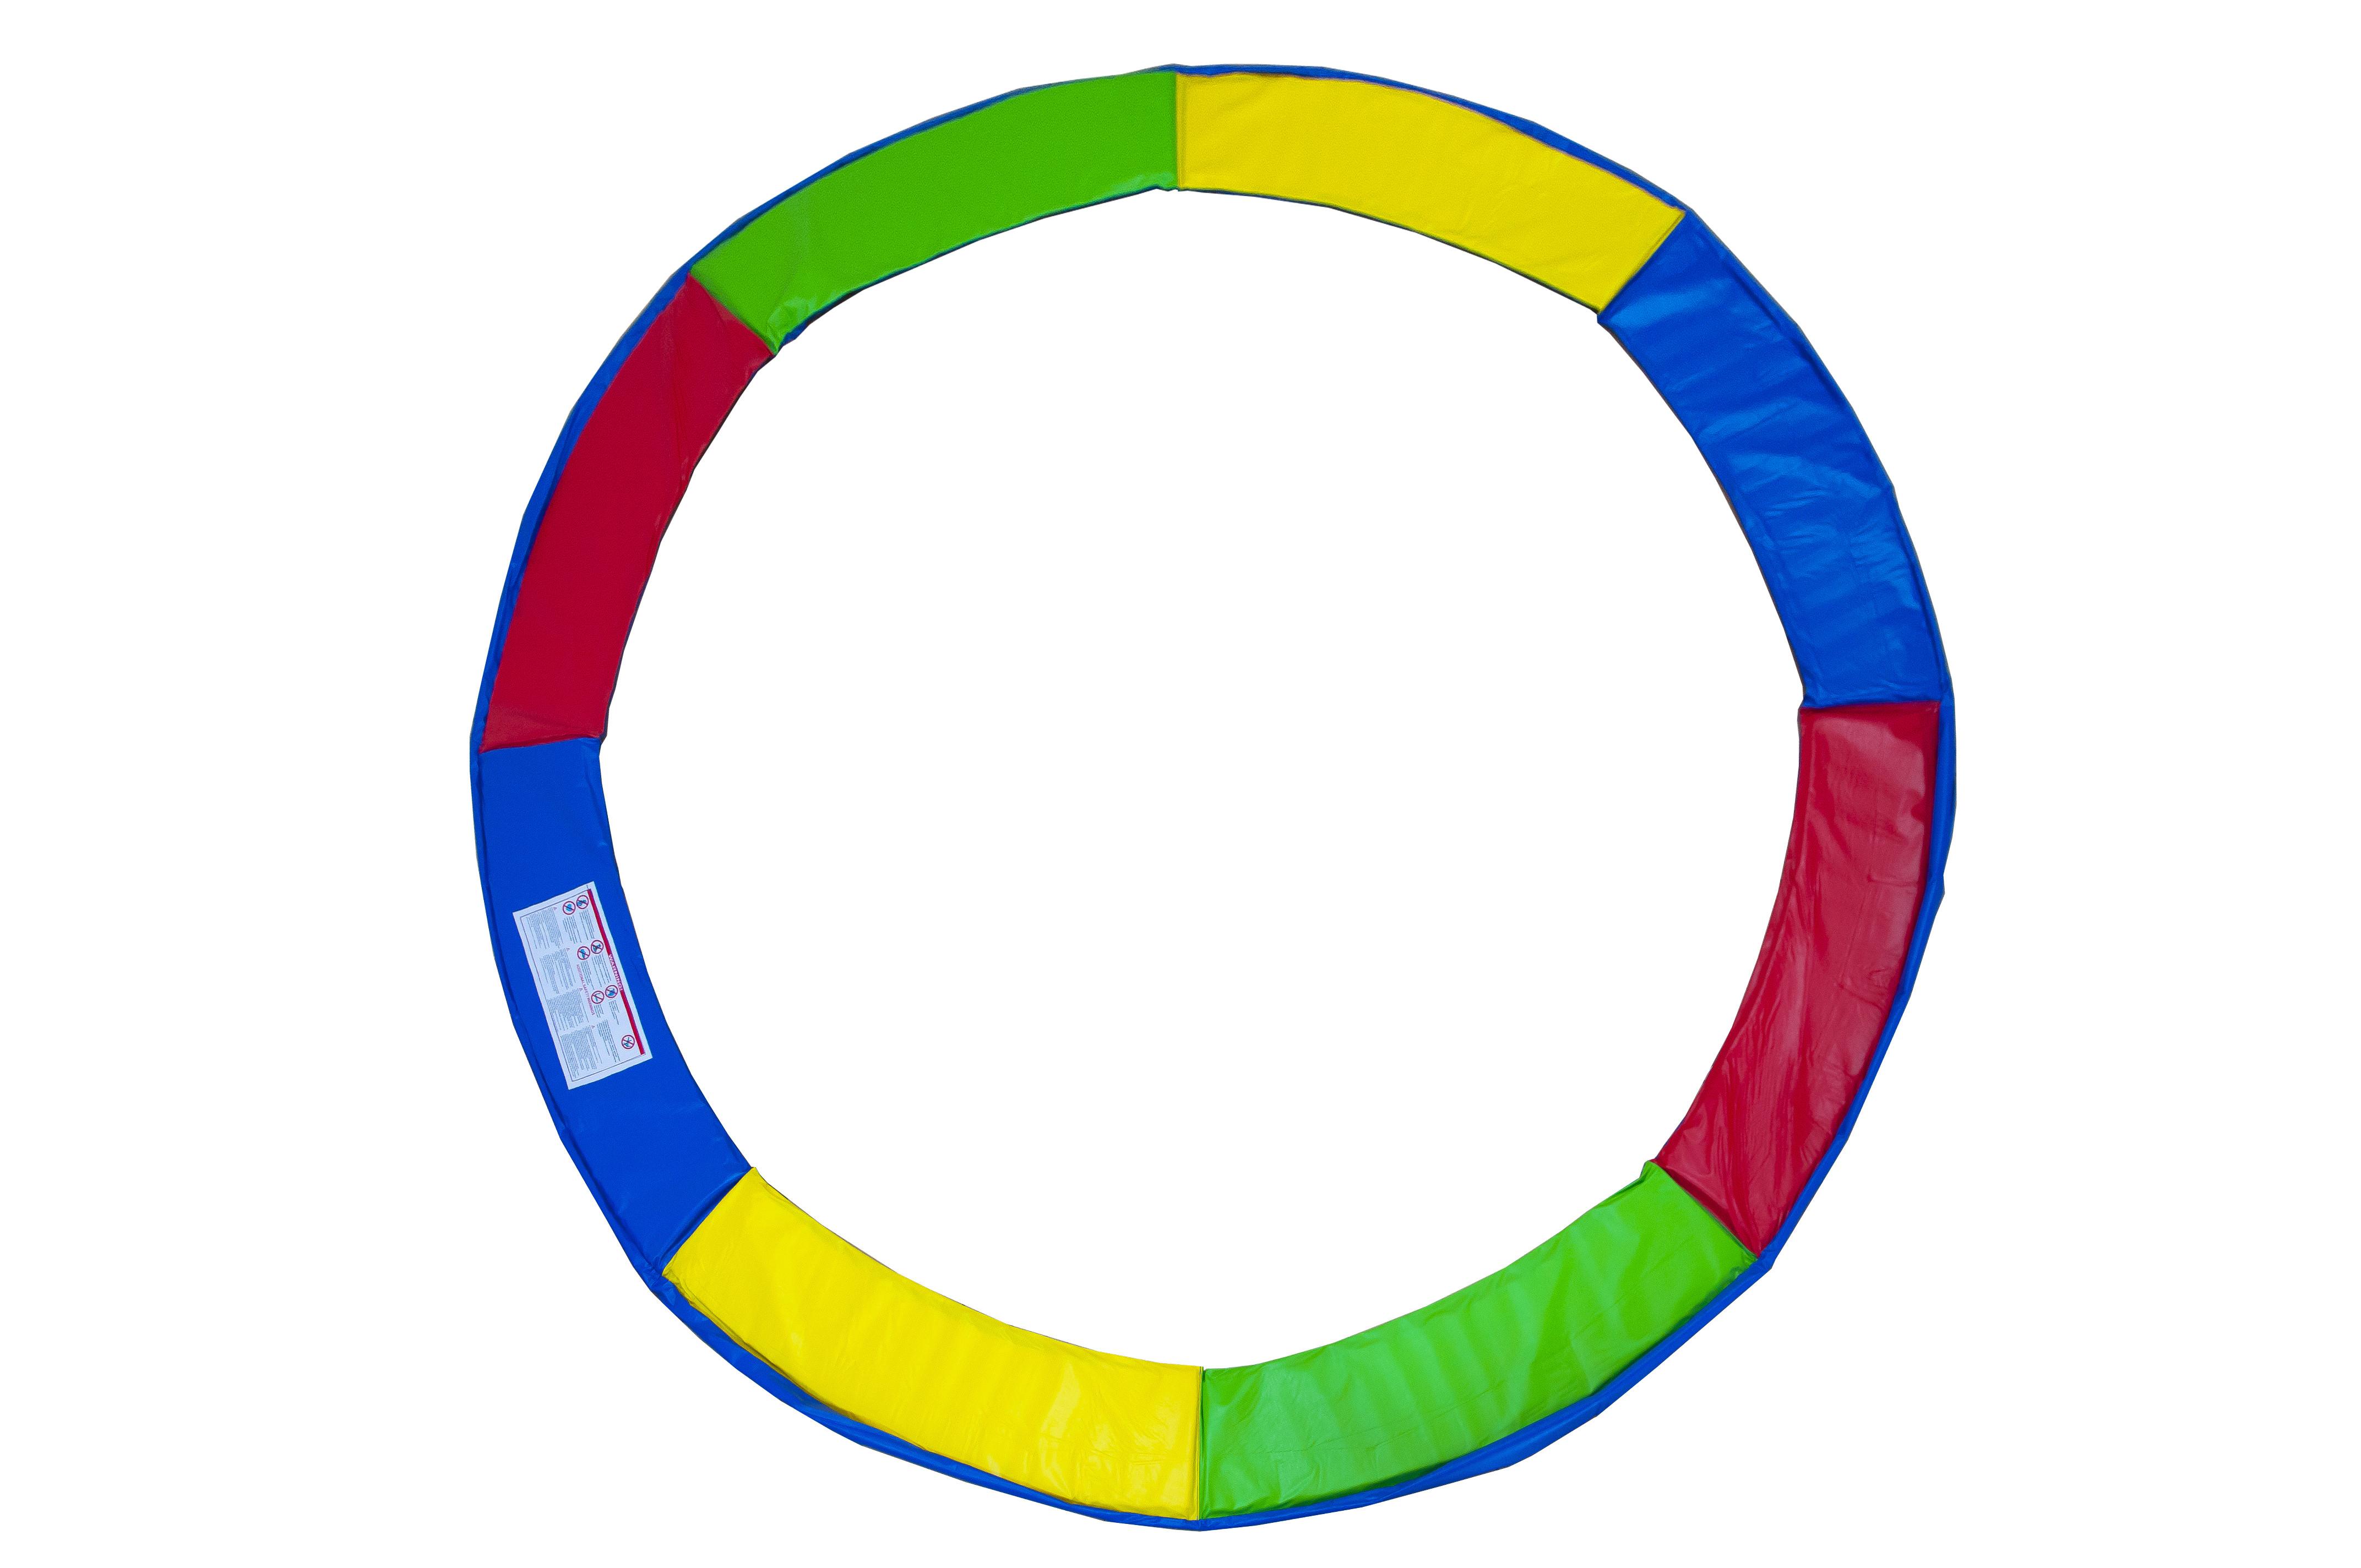 Protectie Arcuri pentru Trambulina Multicolor 305 cm L642 [0]